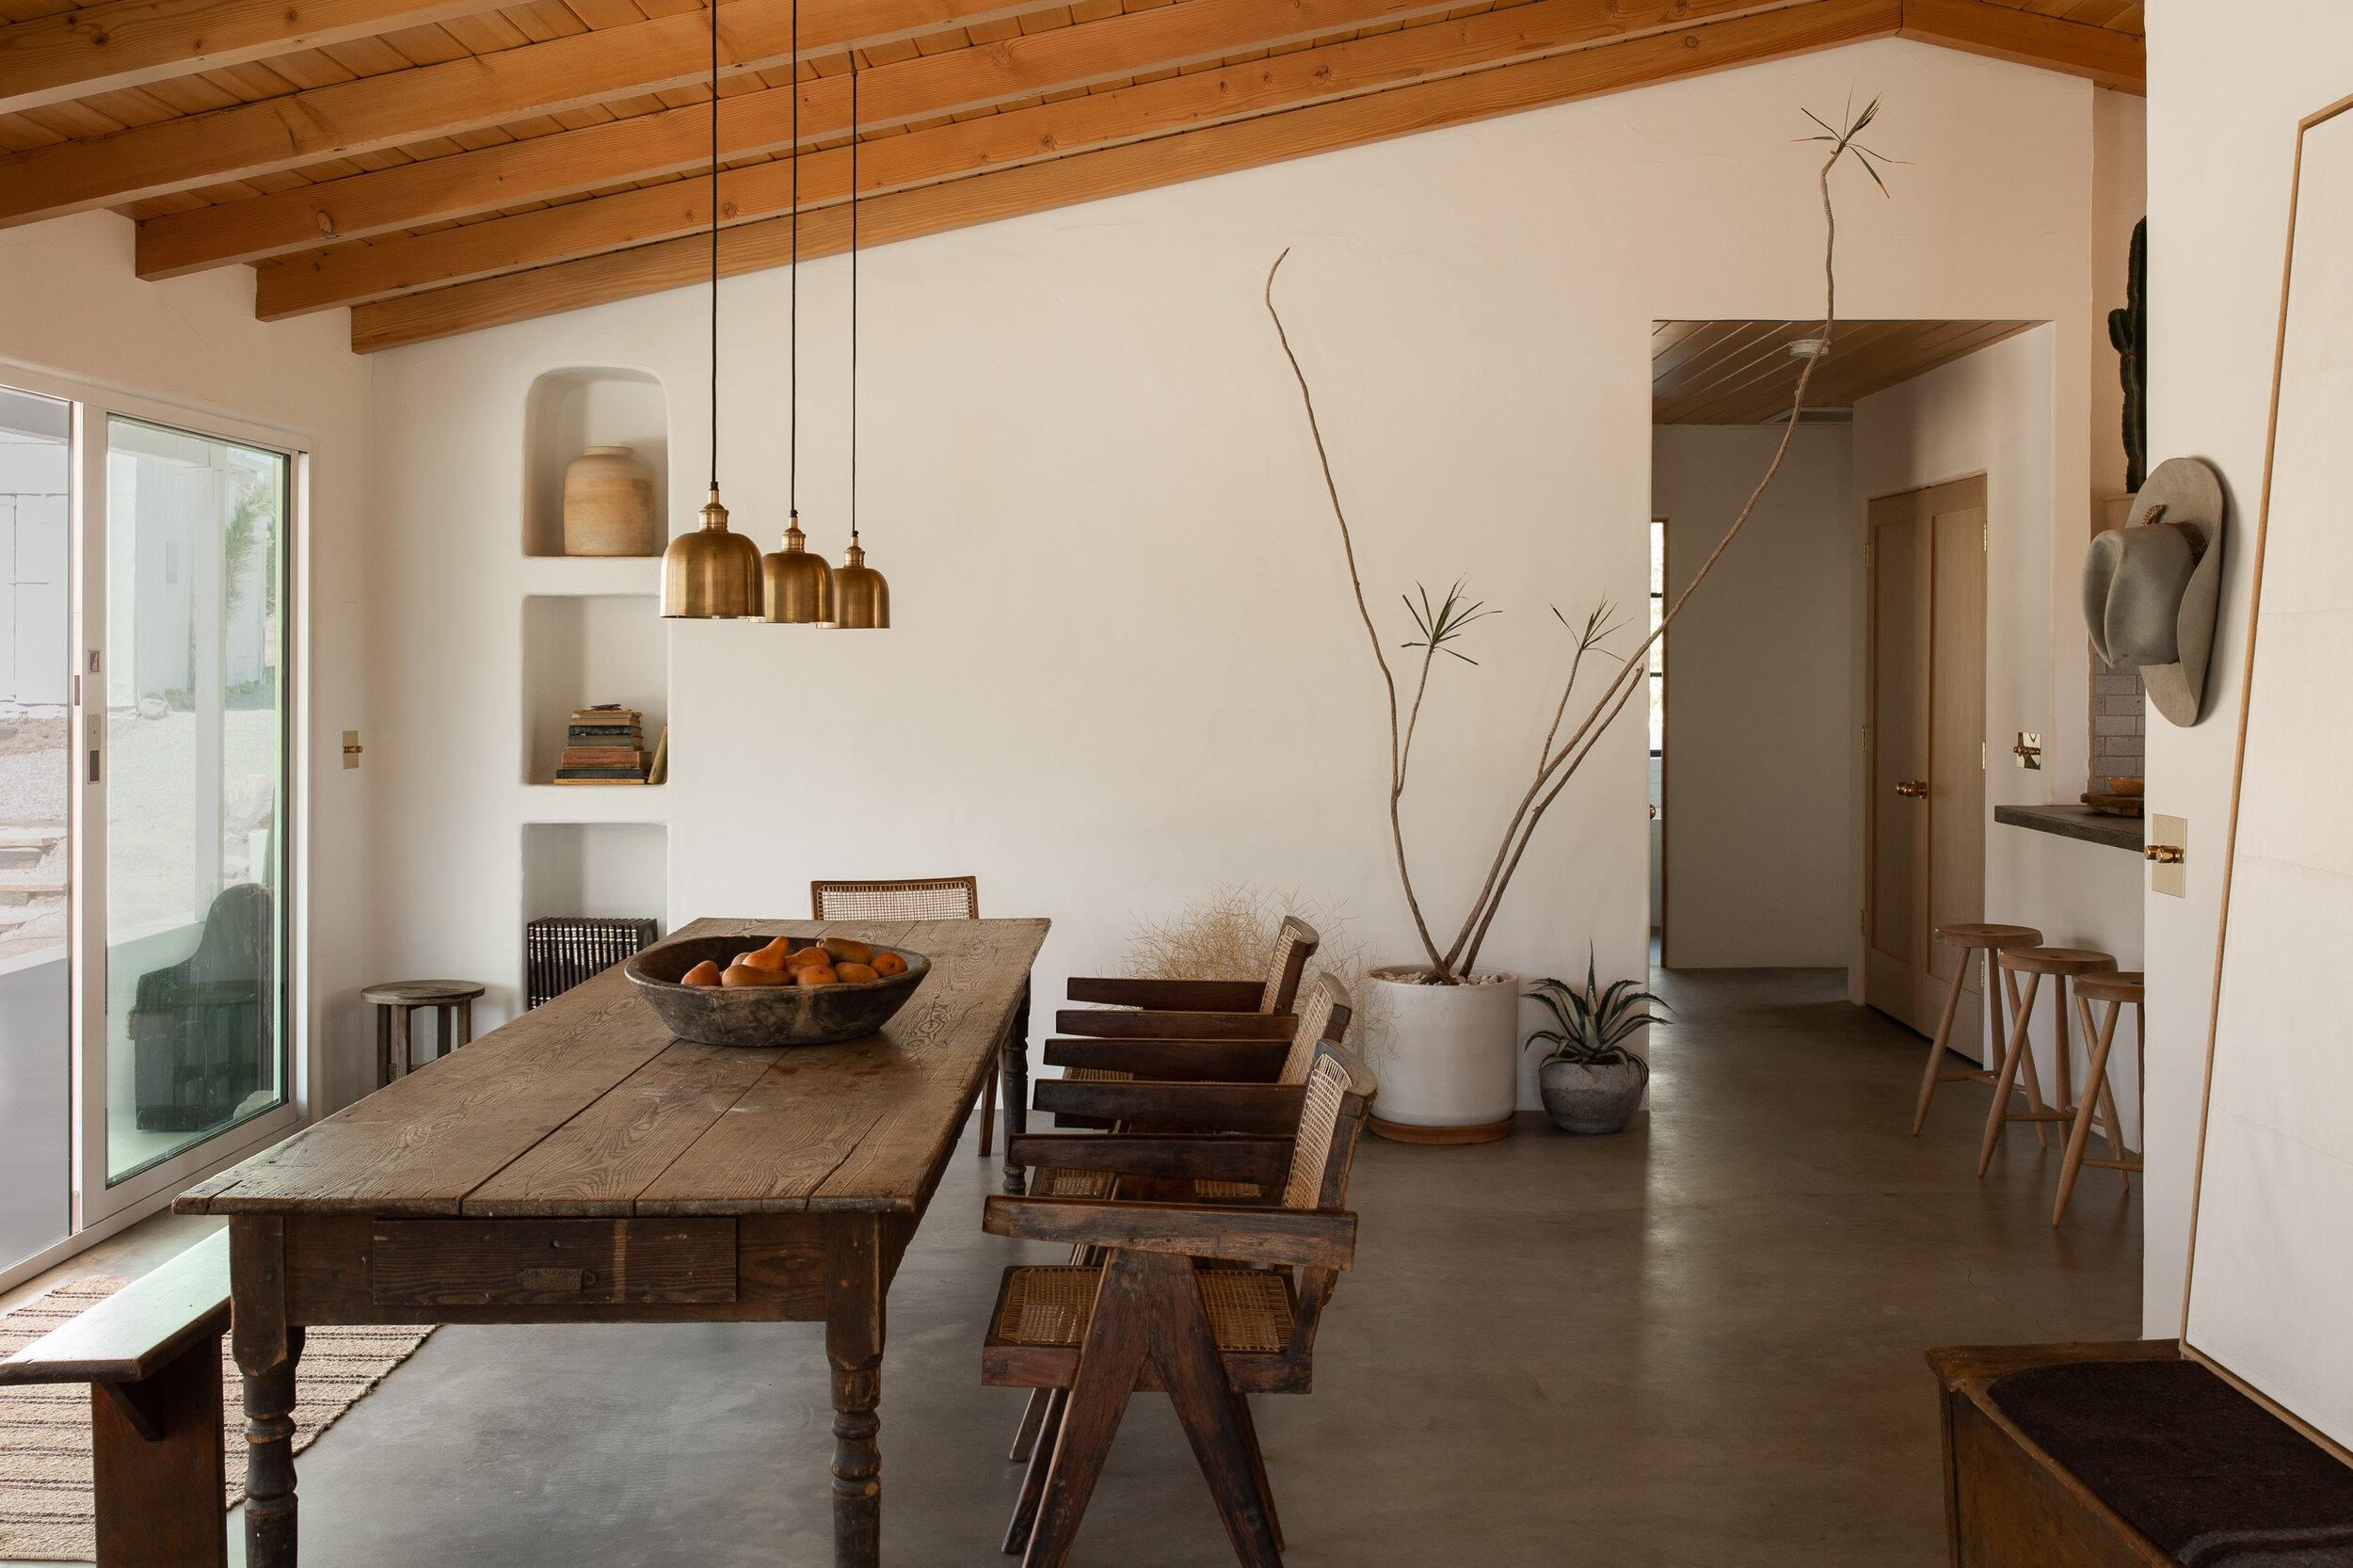 Sarah Solis Design Studio